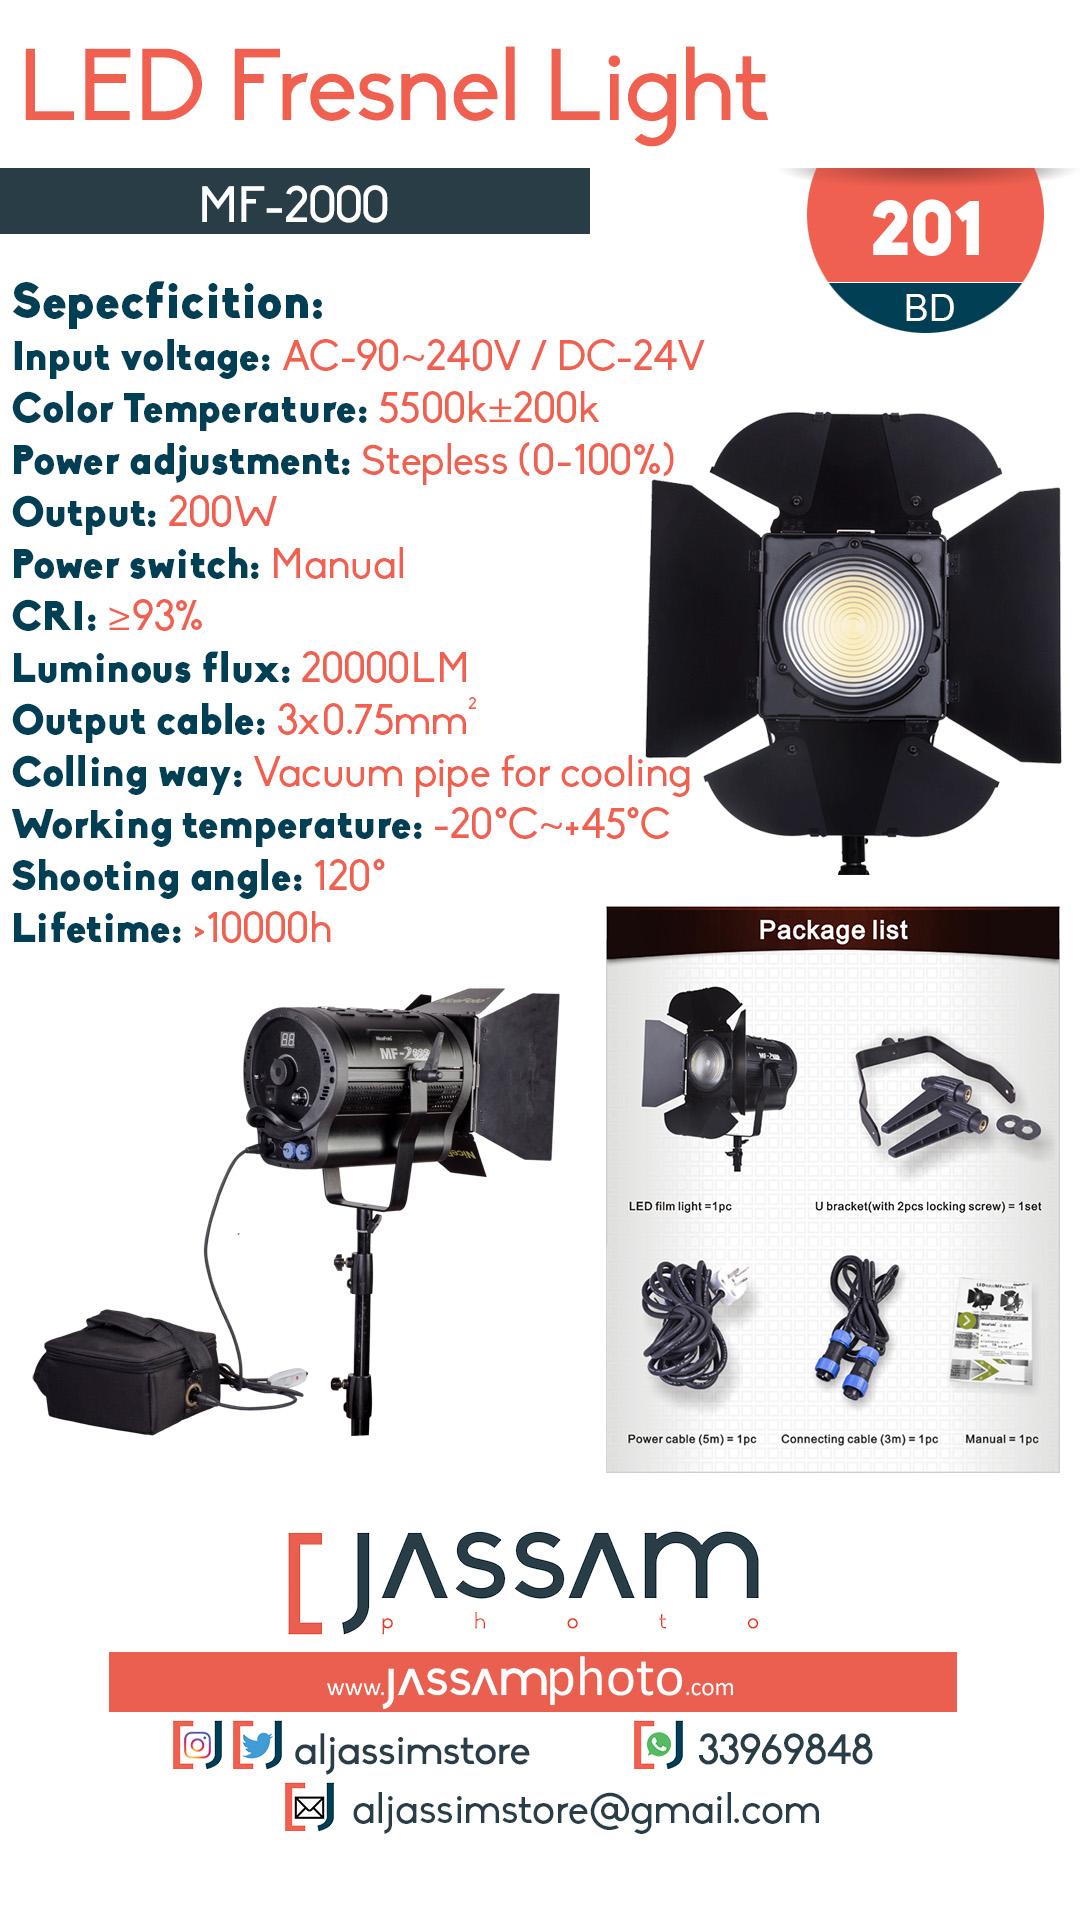 LED Fresnel MF-2000